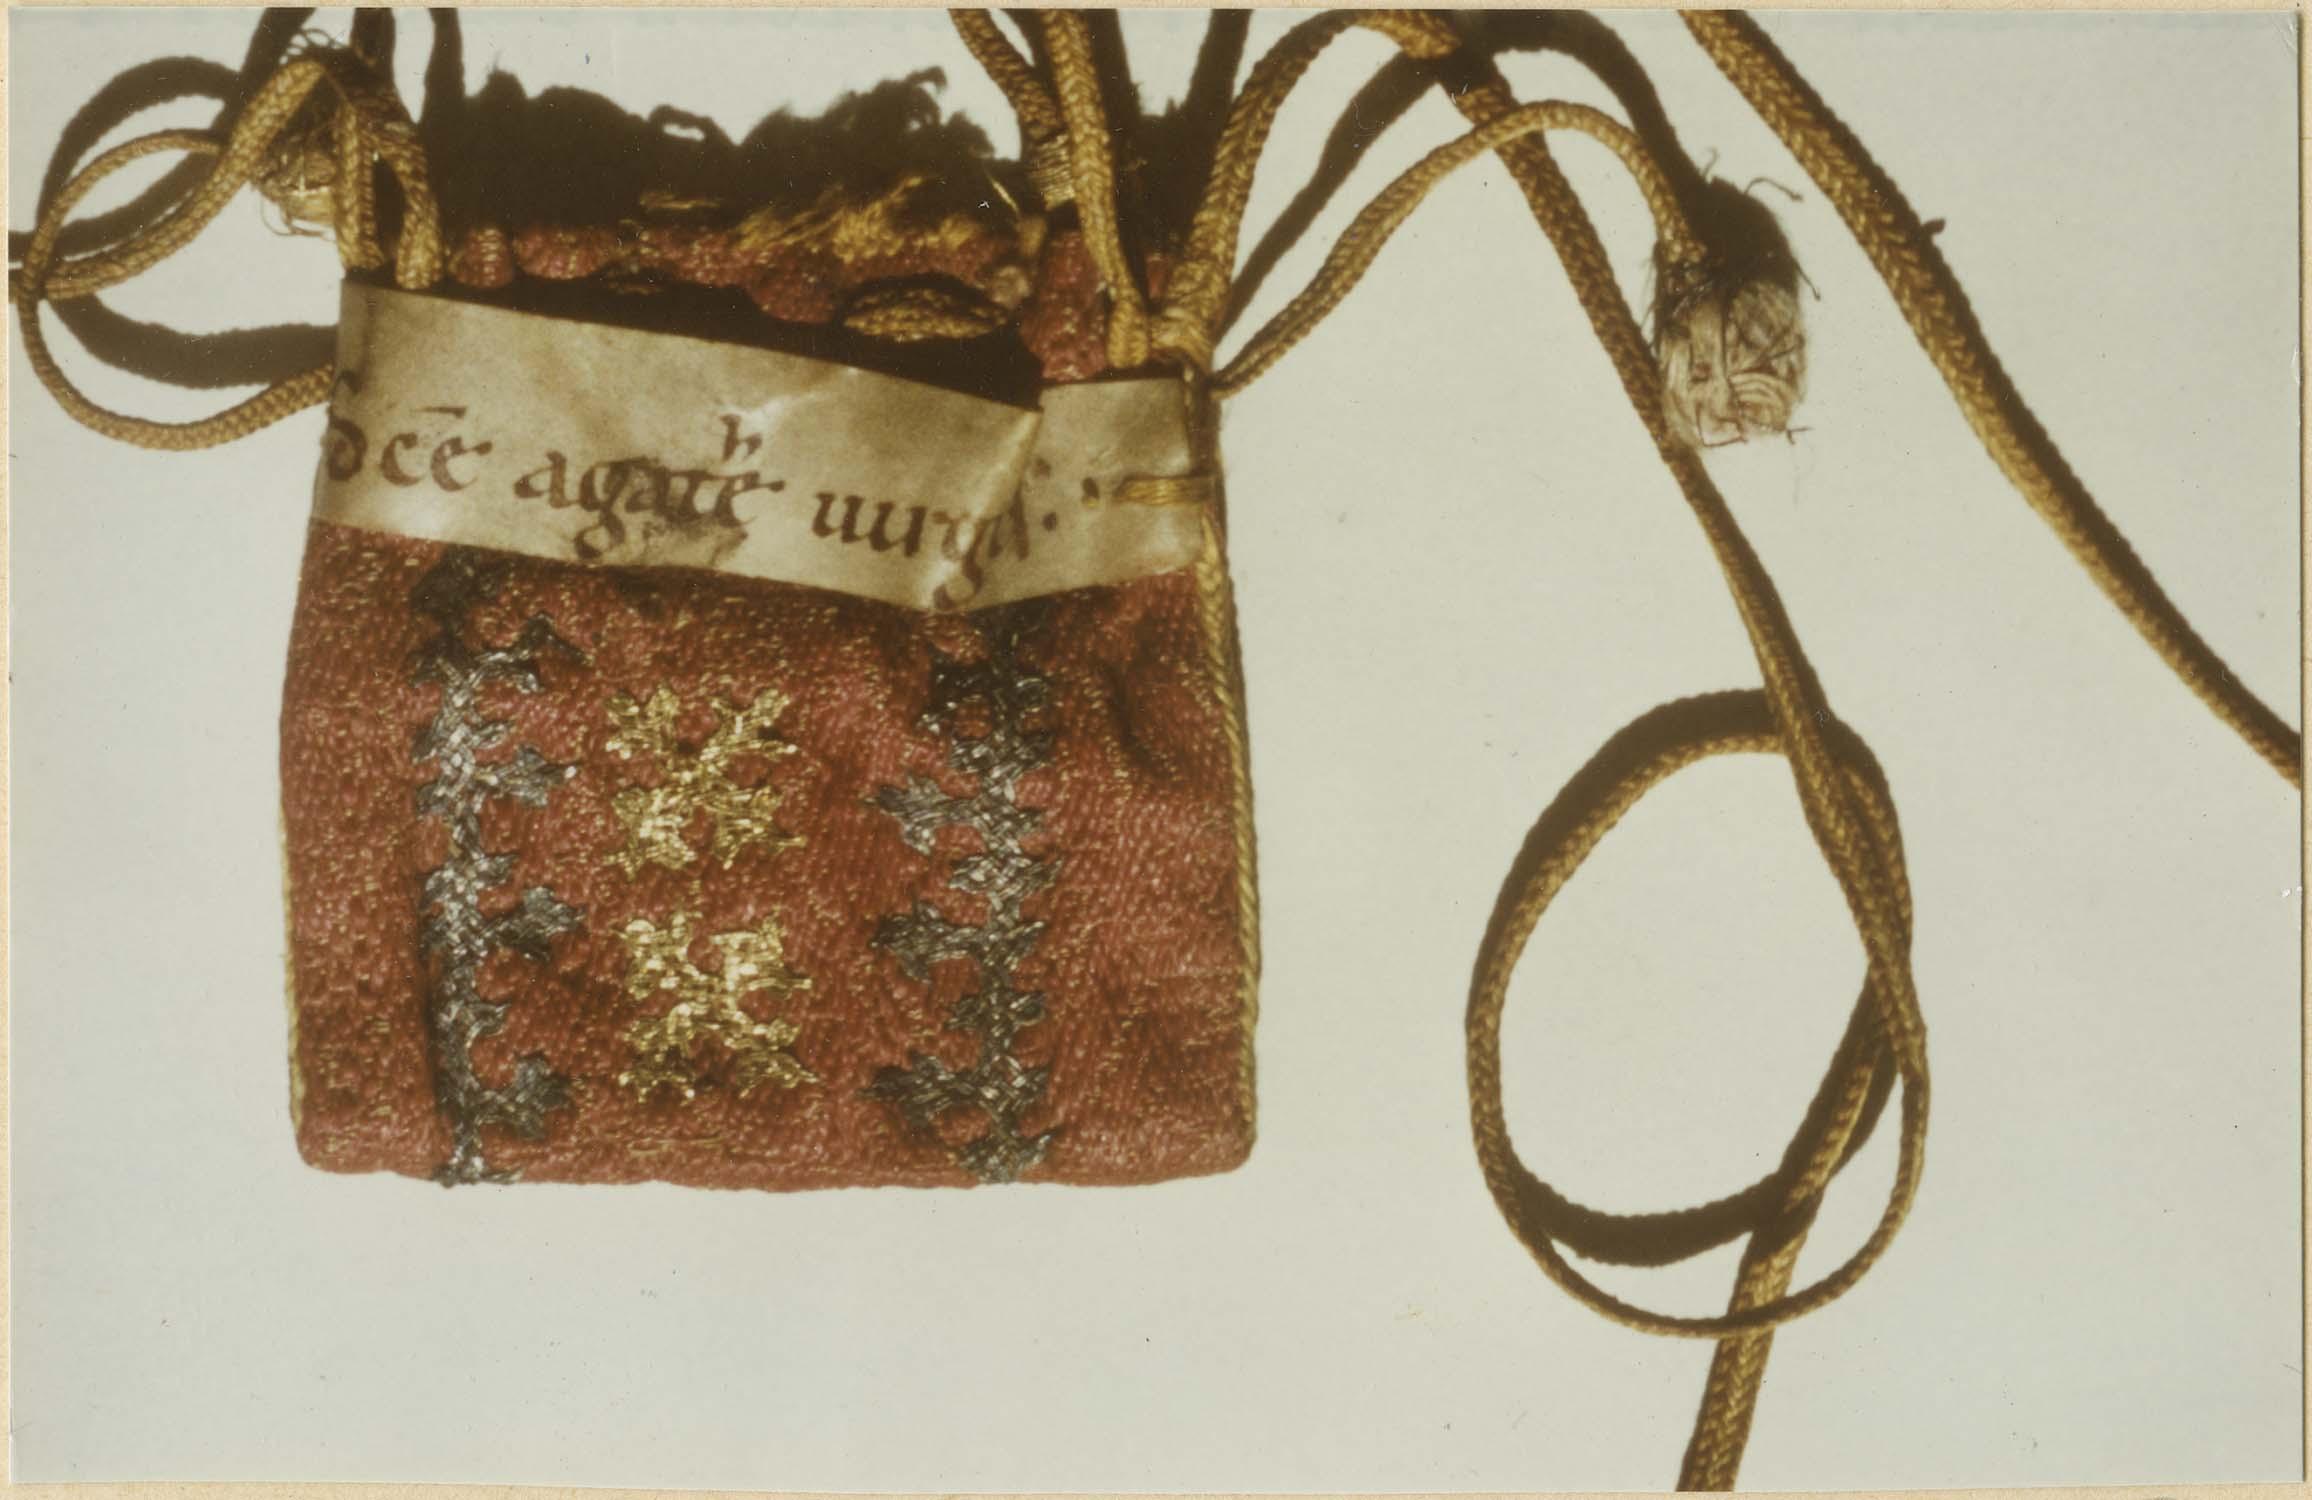 Étui : sachet ayant contenu des reliques de sainte Agathe, vierge et martyre